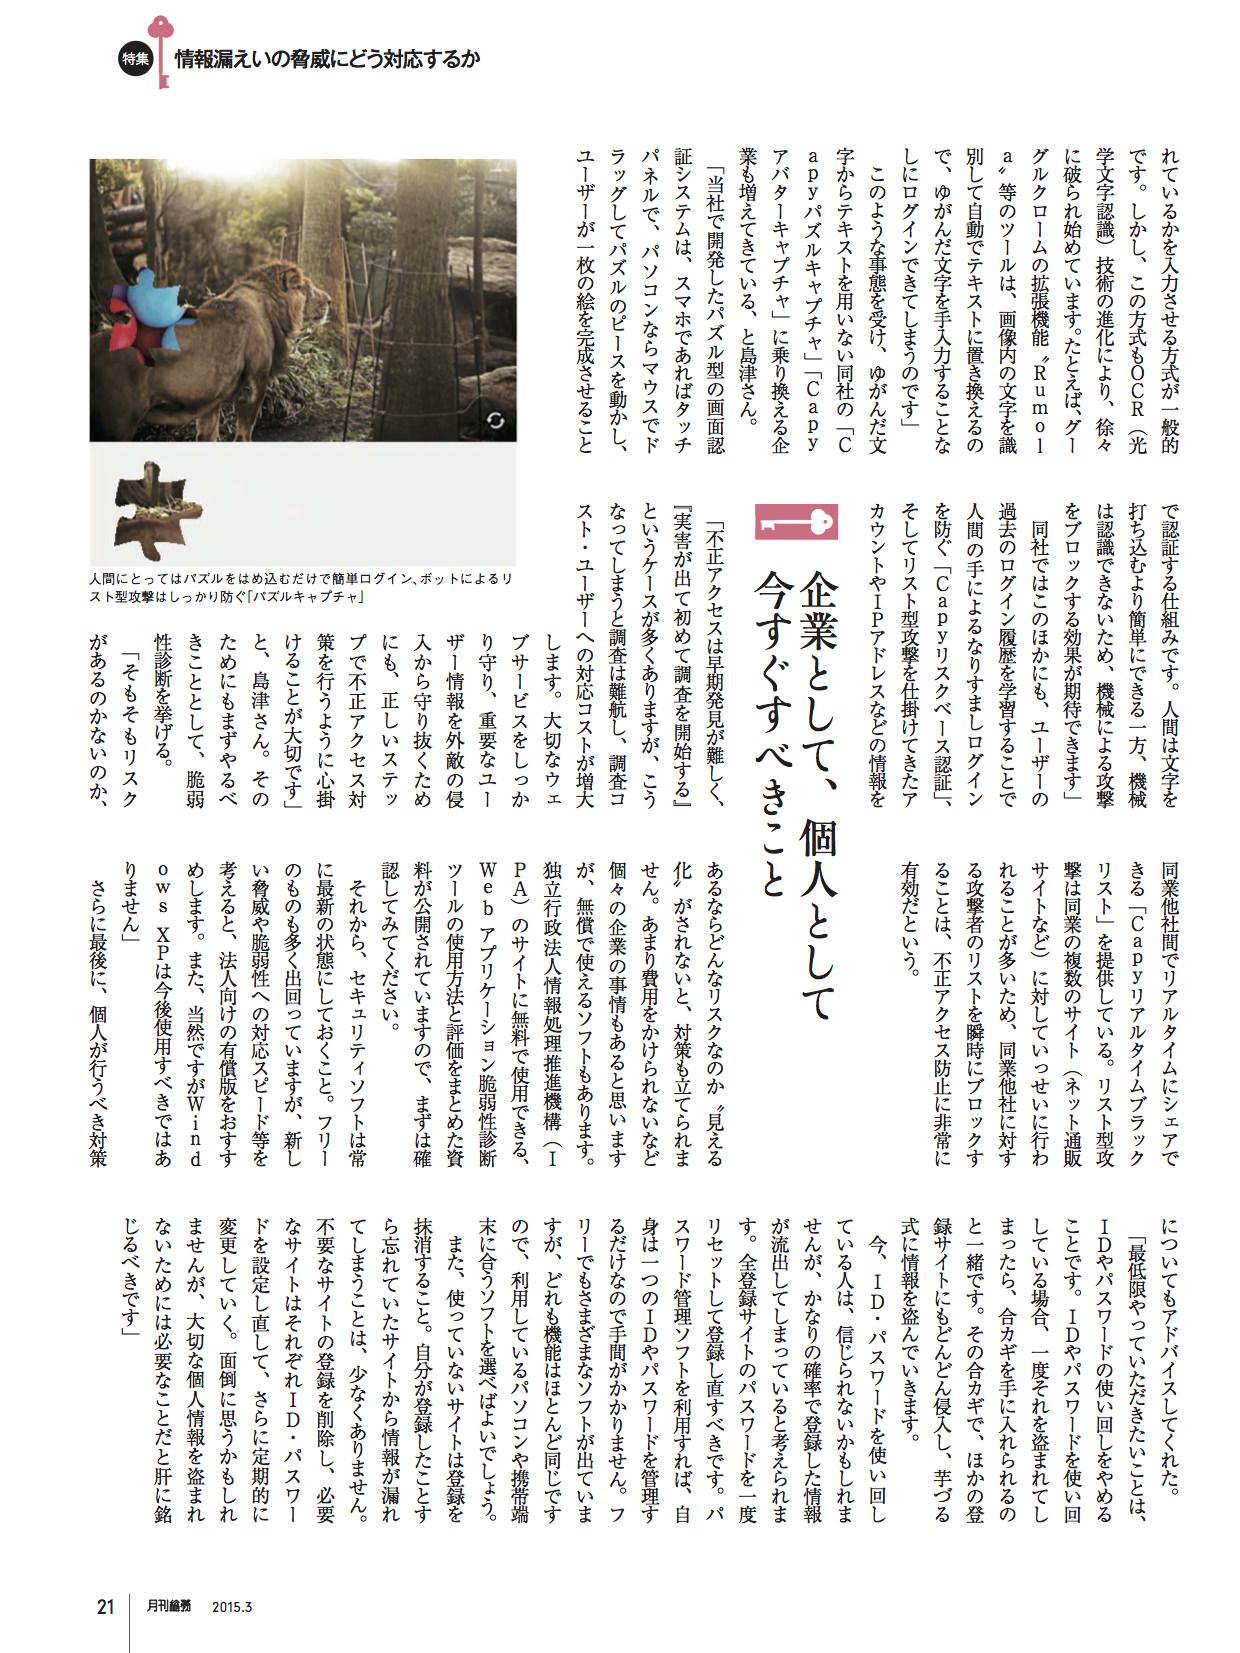 月刊総務3月号特集記事4